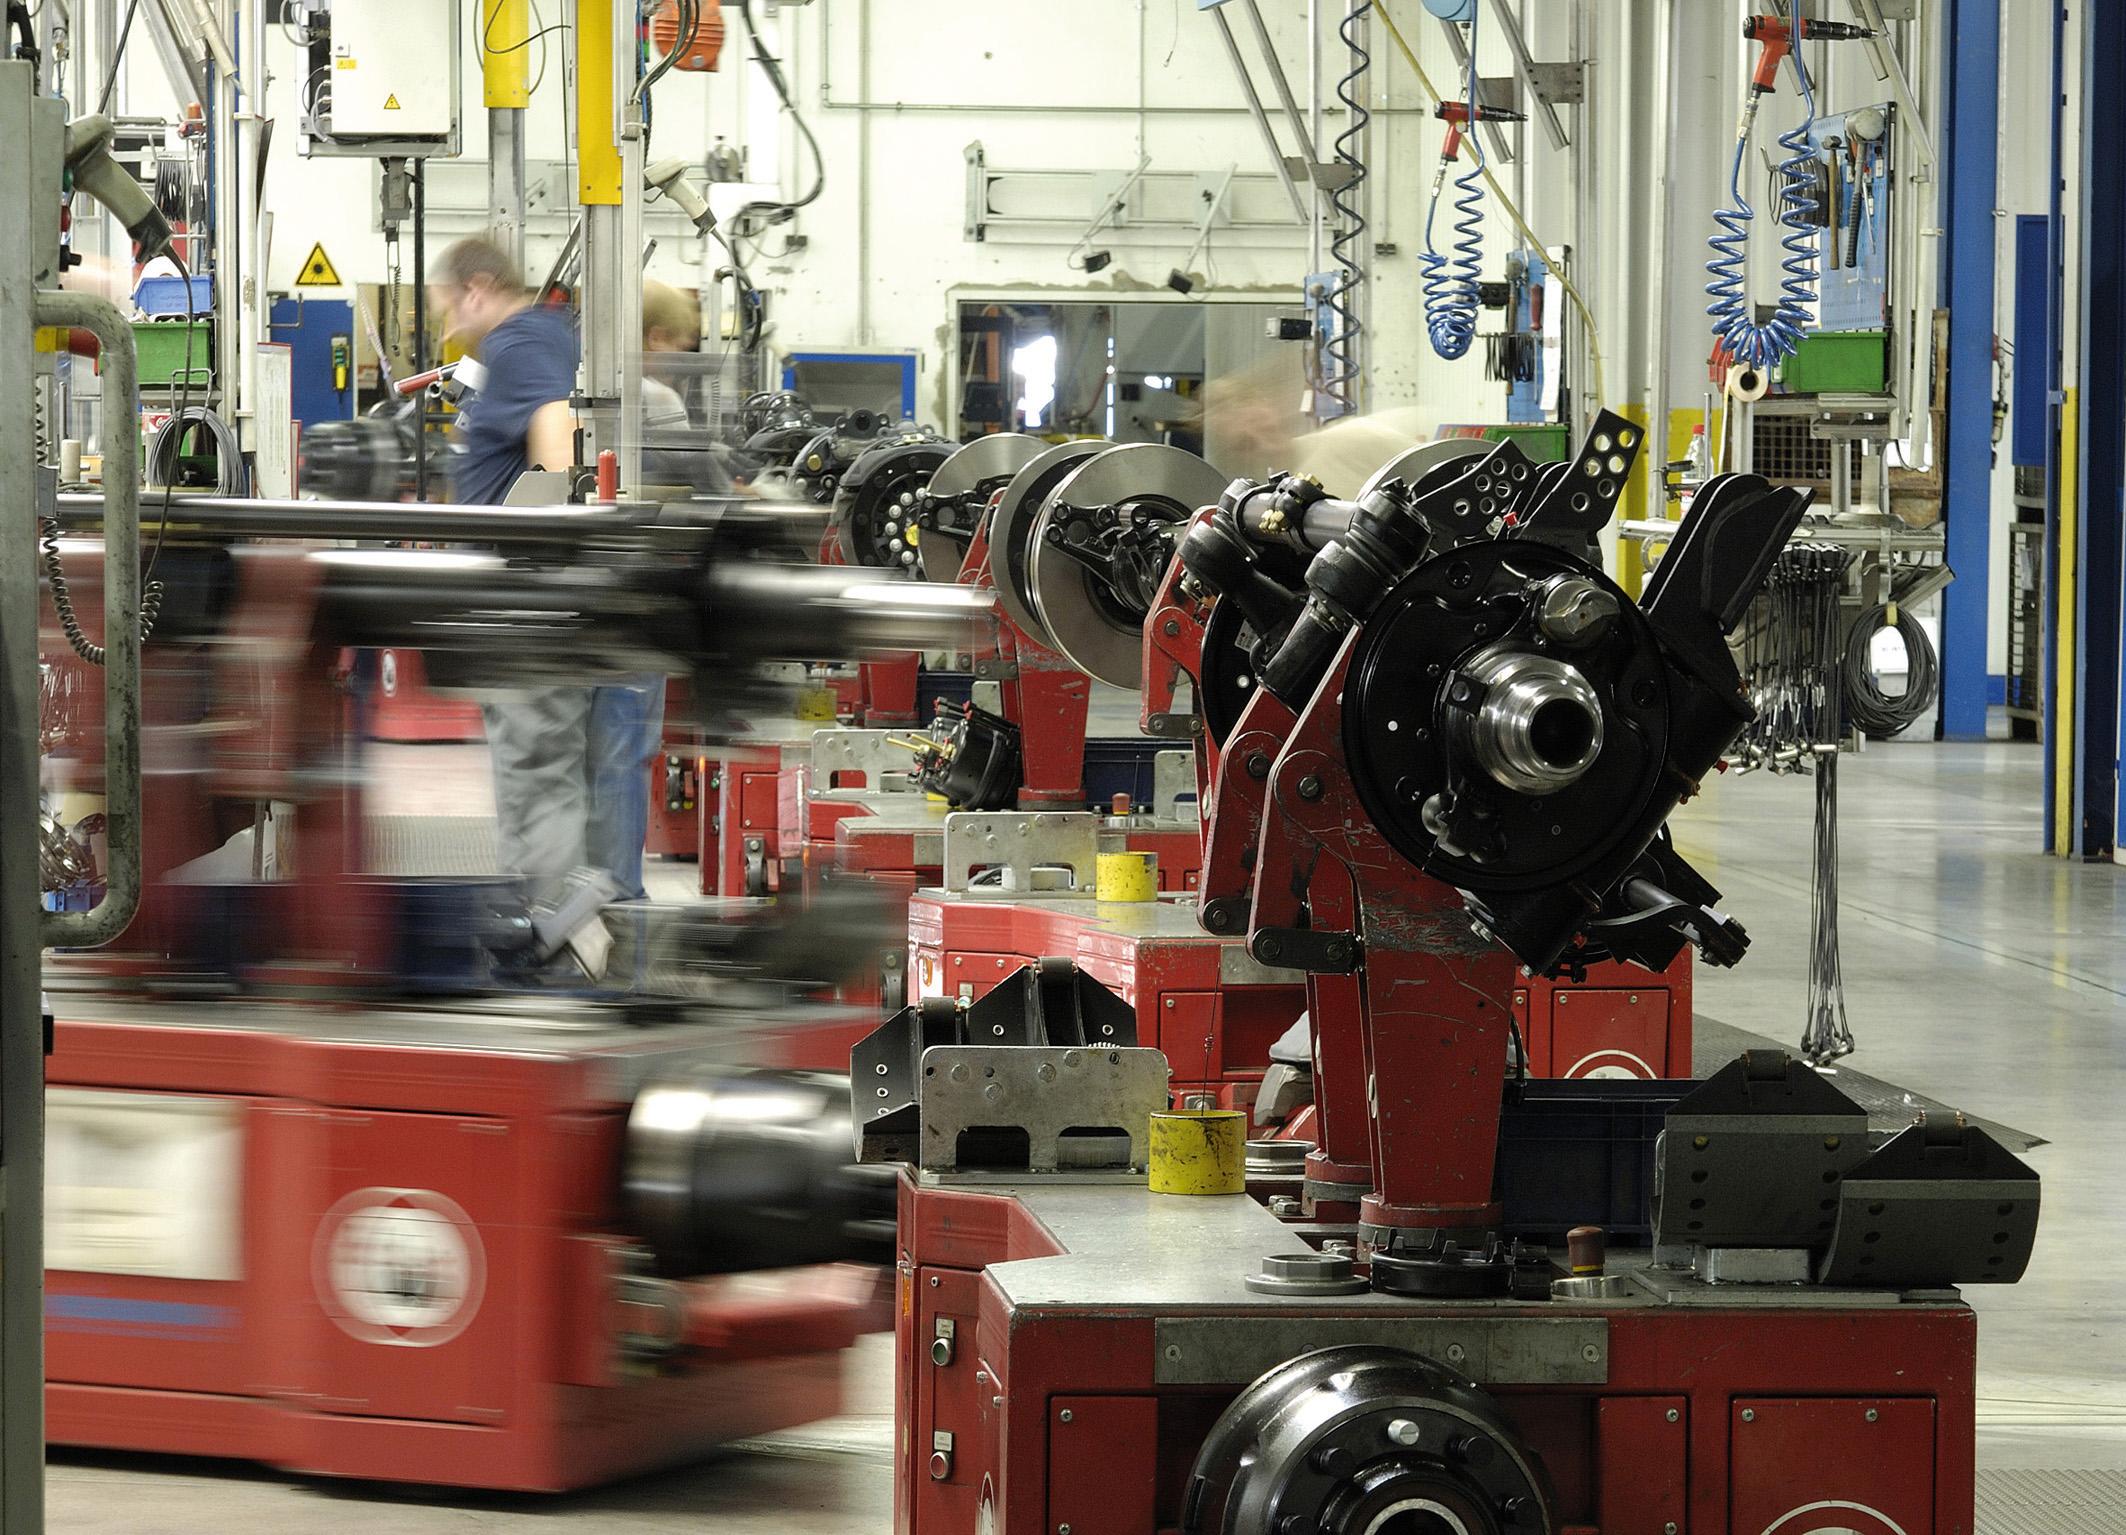 SAF Holland – Analysten überbieten sich mit Neueinstufungen für den Zulieferer der Nutzfahrzeugindustrie und sehen Potenzial für eine Kursverdopplung